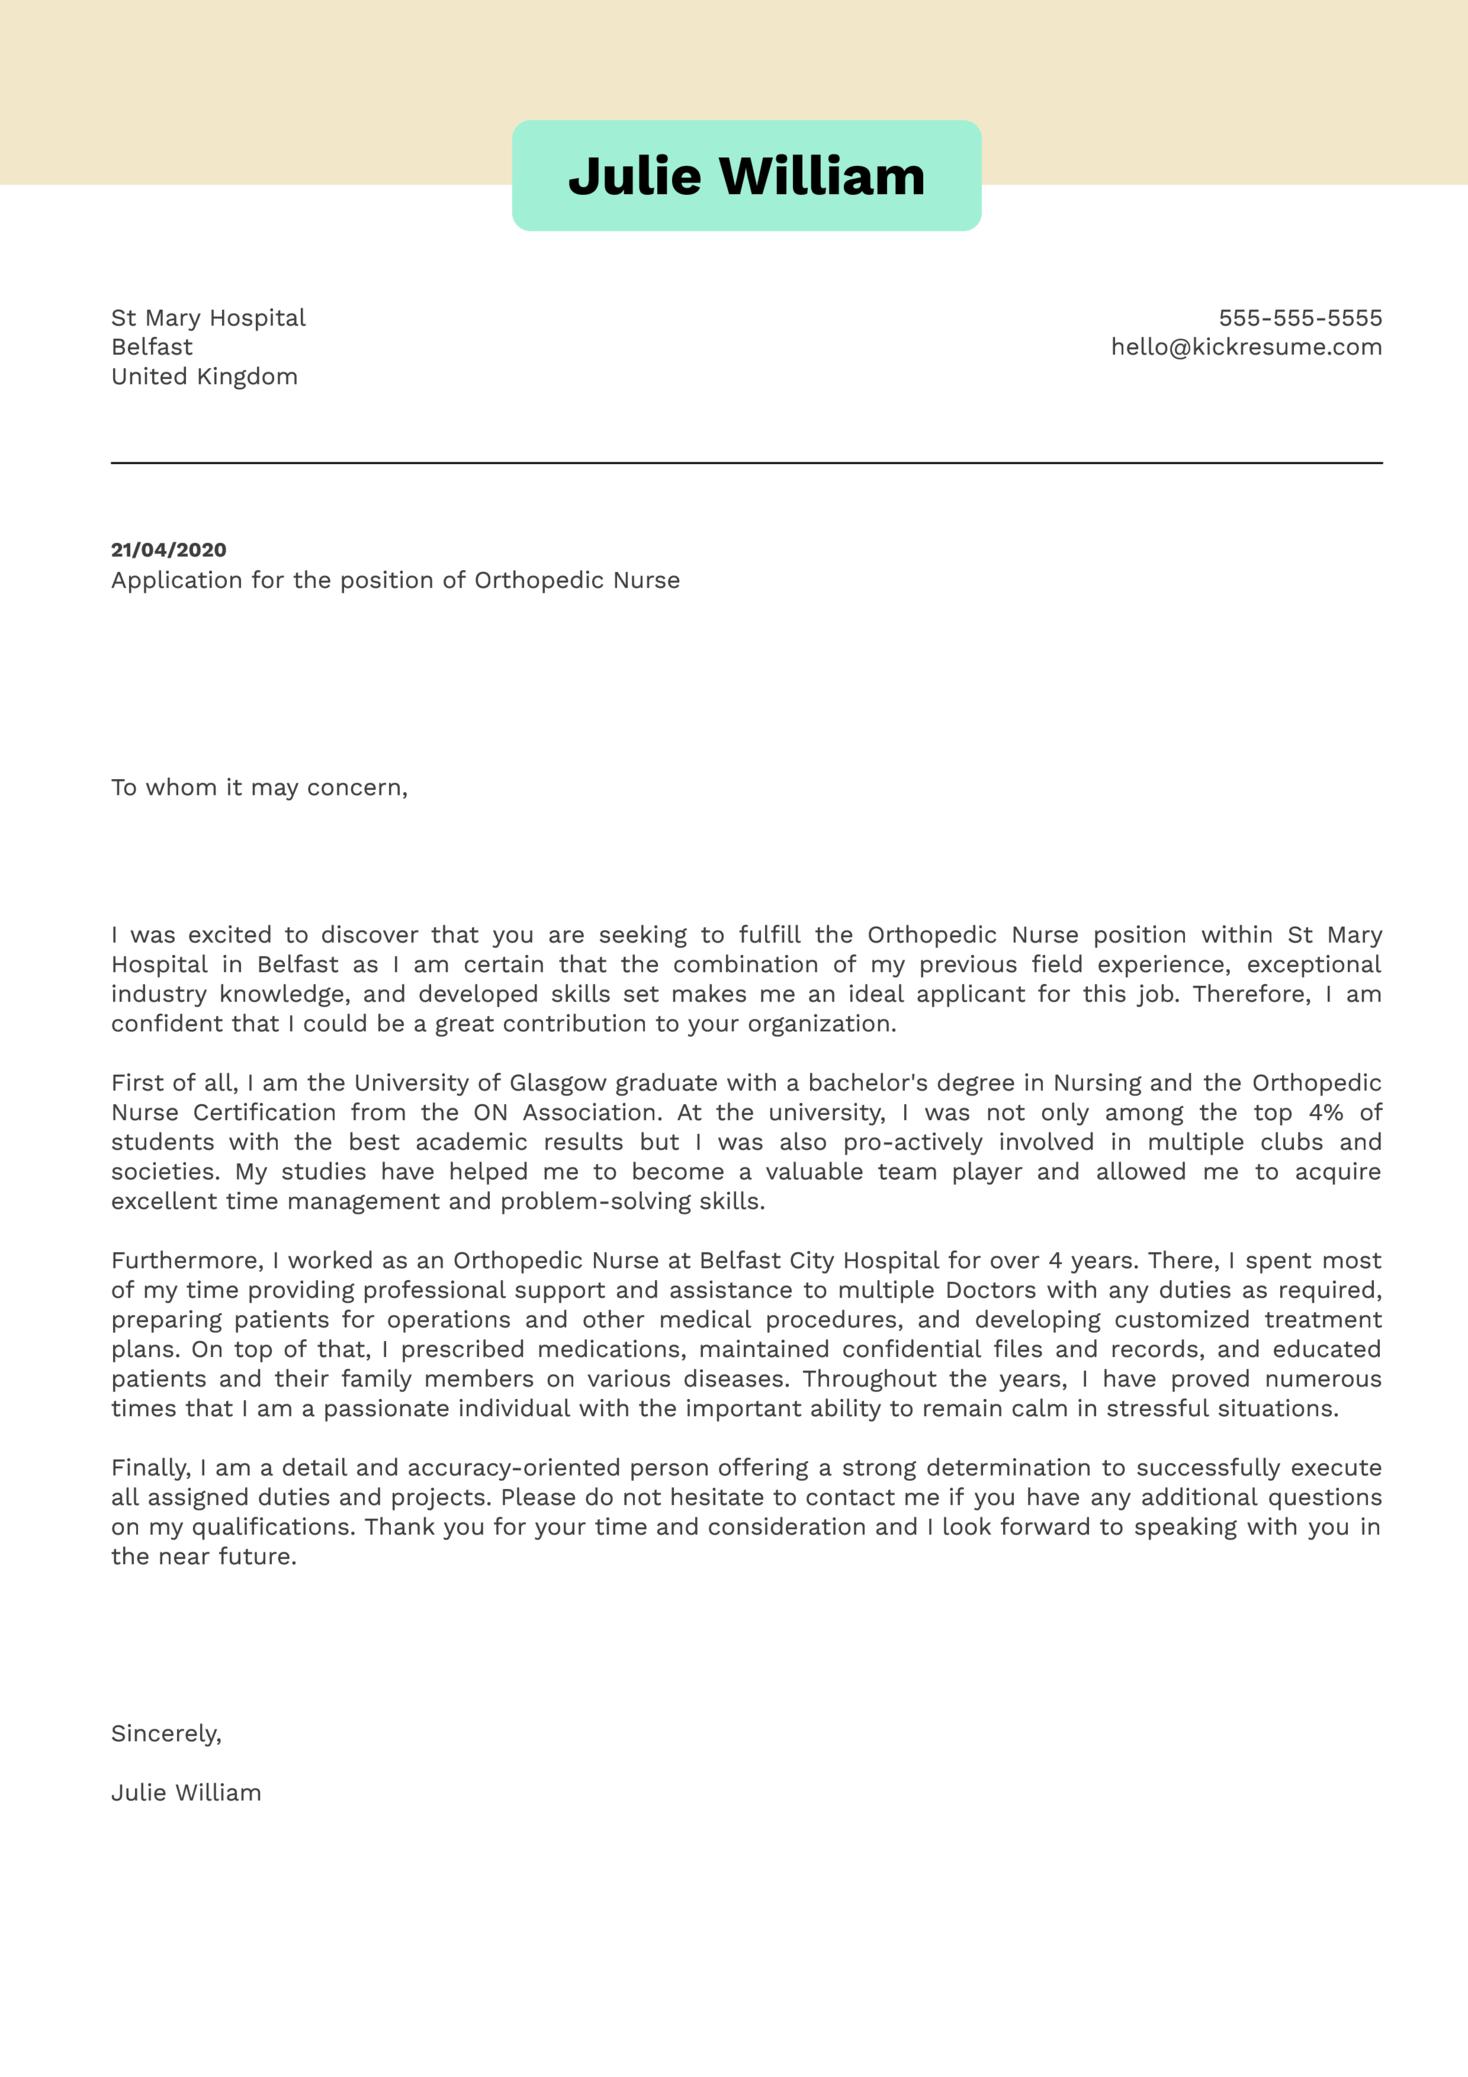 Orthopedic Nurse Cover Letter Sample